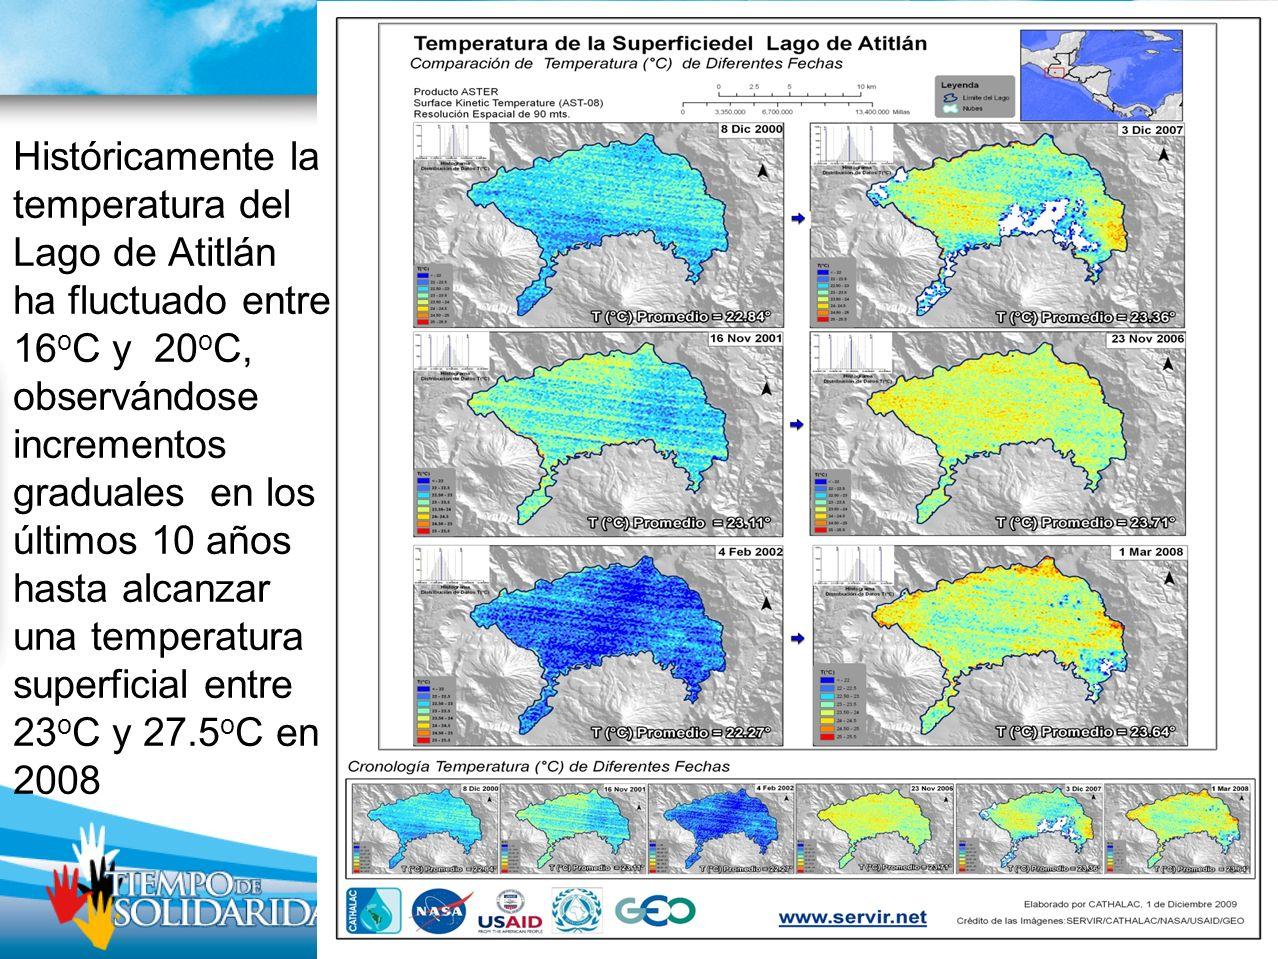 Históricamente la temperatura del Lago de Atitlán ha fluctuado entre 16oC y 20oC, observándose incrementos graduales en los últimos 10 años hasta alcanzar una temperatura superficial entre 23oC y 27.5oC en 2008